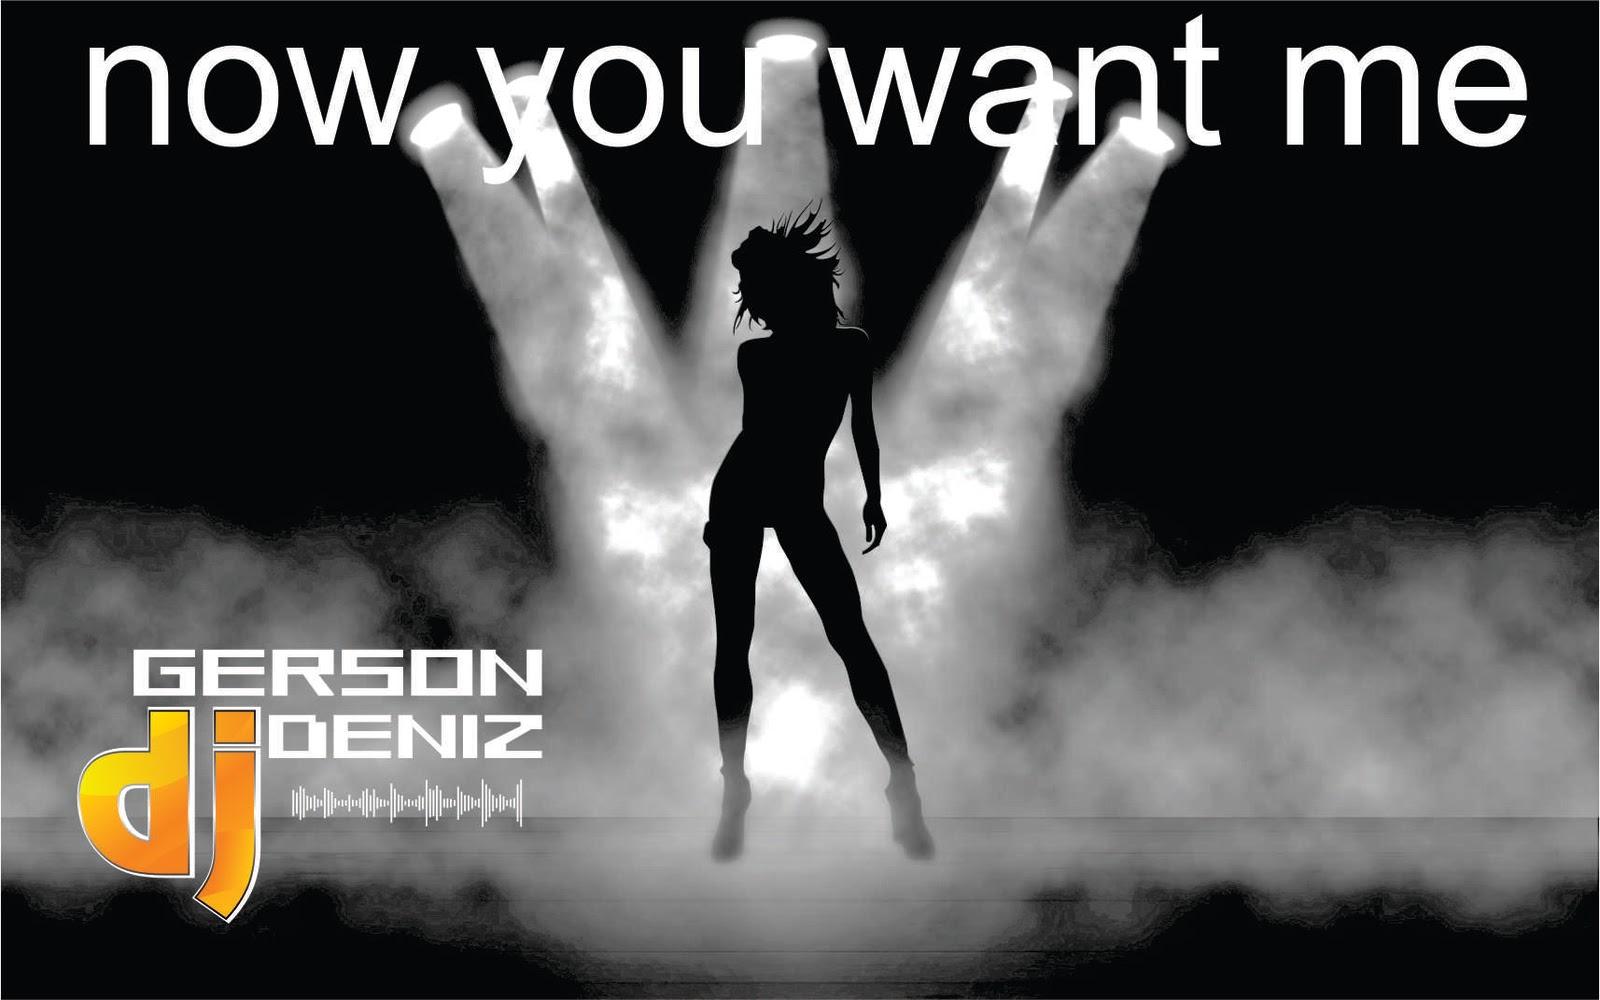 http://1.bp.blogspot.com/-f5tJNStIY4s/TqBUcl0-_nI/AAAAAAAAA5E/12JCQFkVsPA/s1600/now+you+want+me.jpg